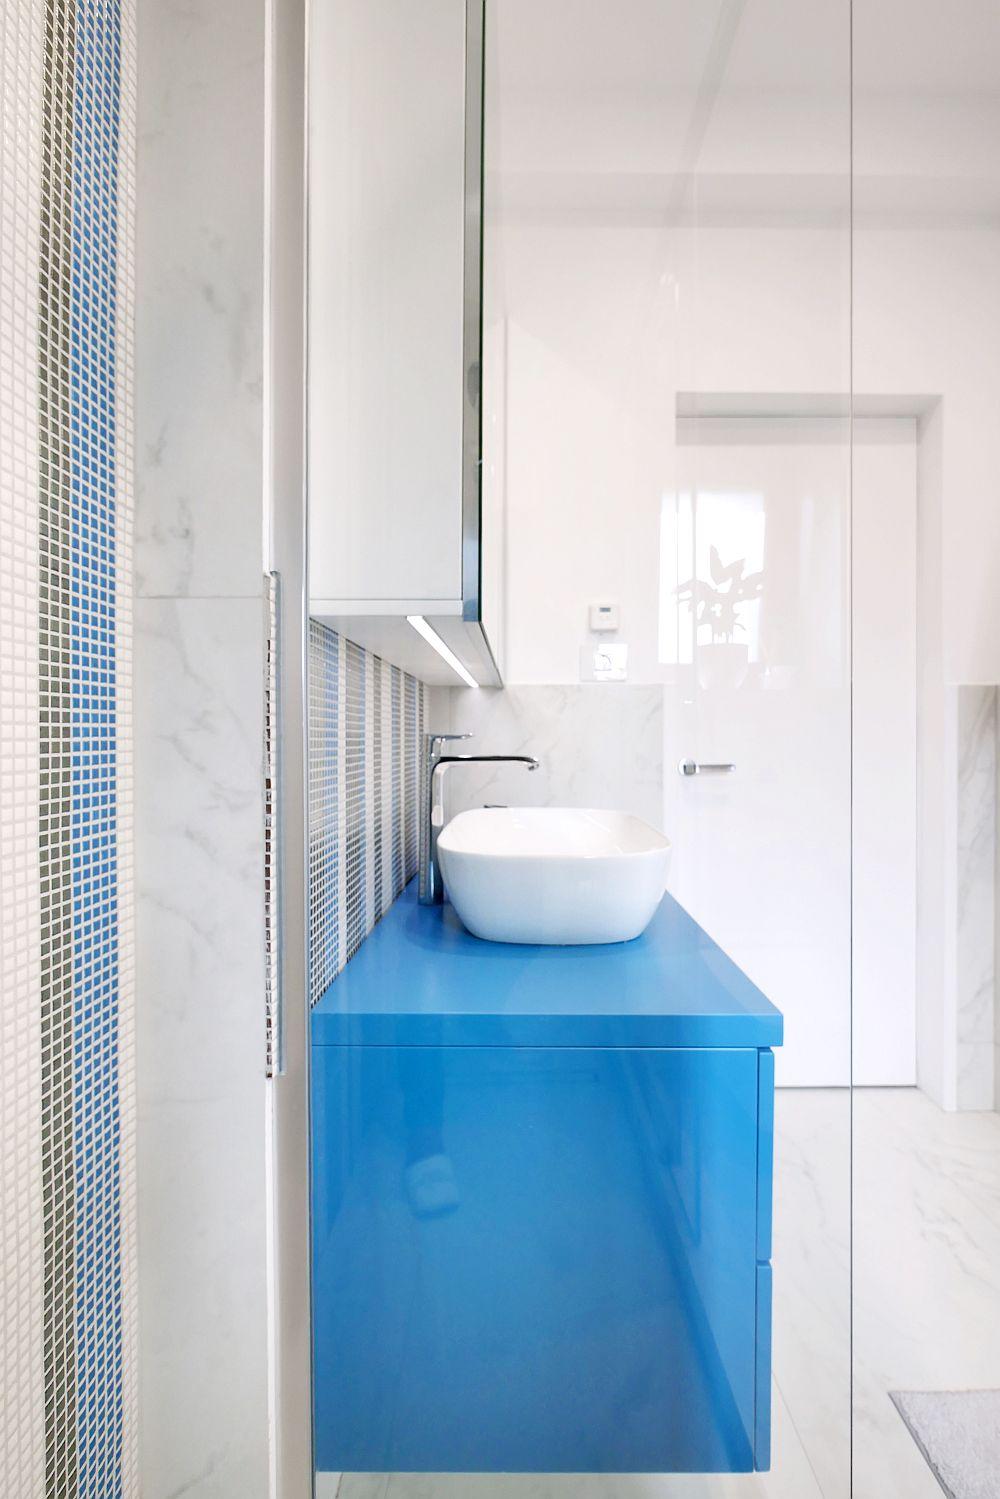 Pe peretle din zona dușului s-a mozaic Appiani comandat prin Dream Home Design, firmă de la care s-au comandat și plăcile ceramice cu aspect de marmură. Din culoarea mozaicului s-au inspirat și arhitectele când au ales nuanța mobilierului de lavoar suspendat, mobilier realizat pe comandă la Movi Design.